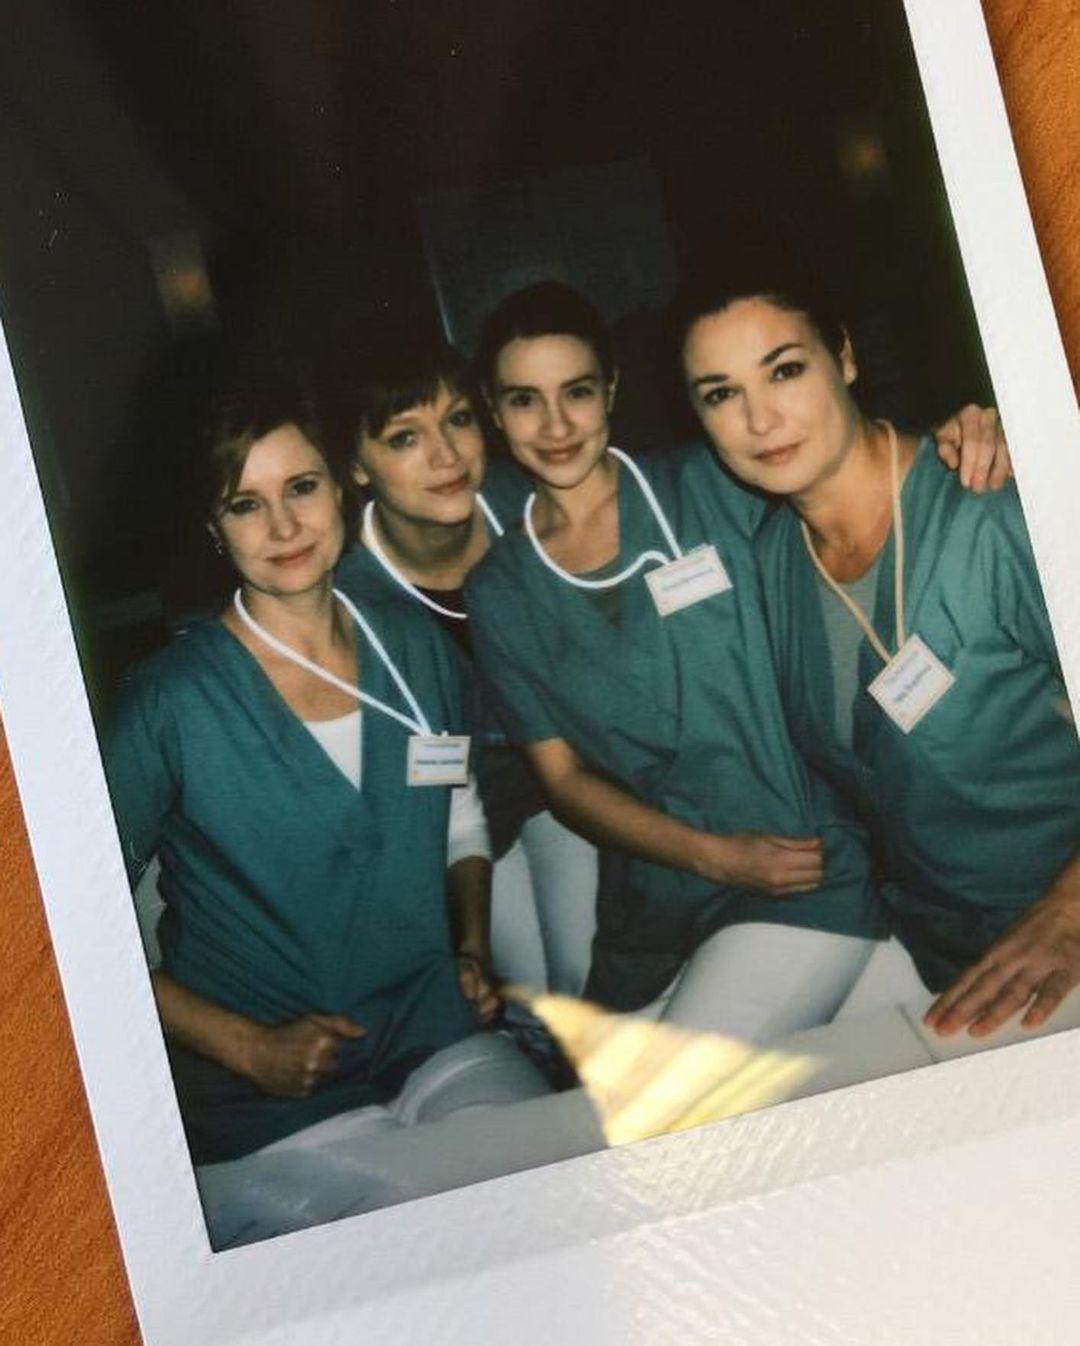 Ester Geislerová při natáčení seriálu Anatomie života